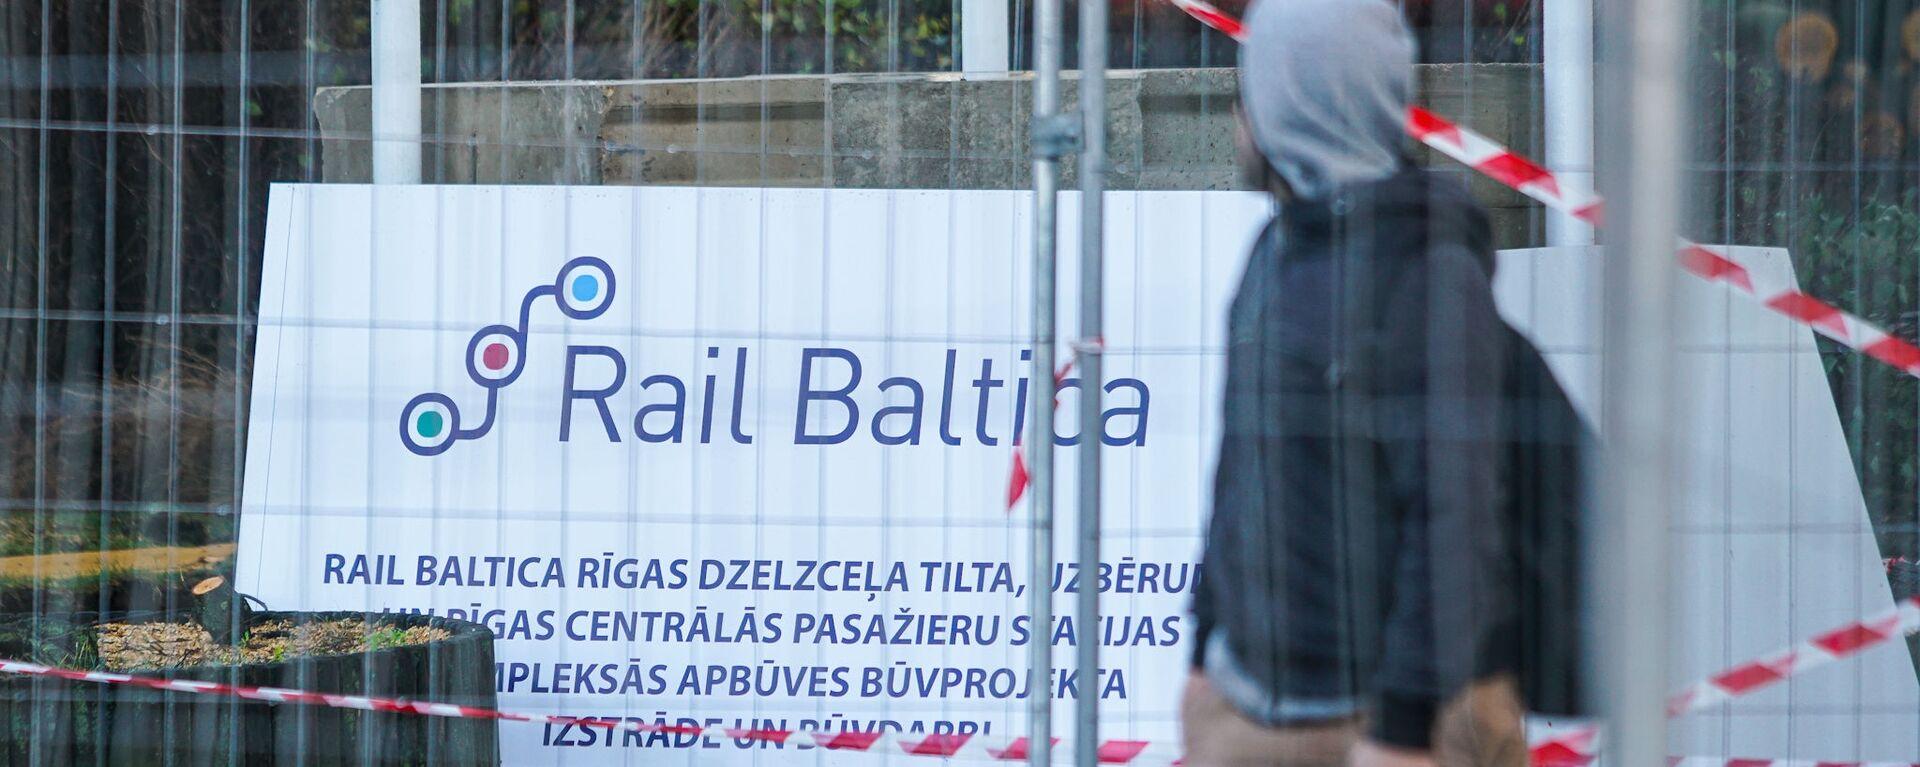 Официальное открытие строительных работ Центрального узла Rail Baltica в Риге - Sputnik Latvija, 1920, 13.01.2021